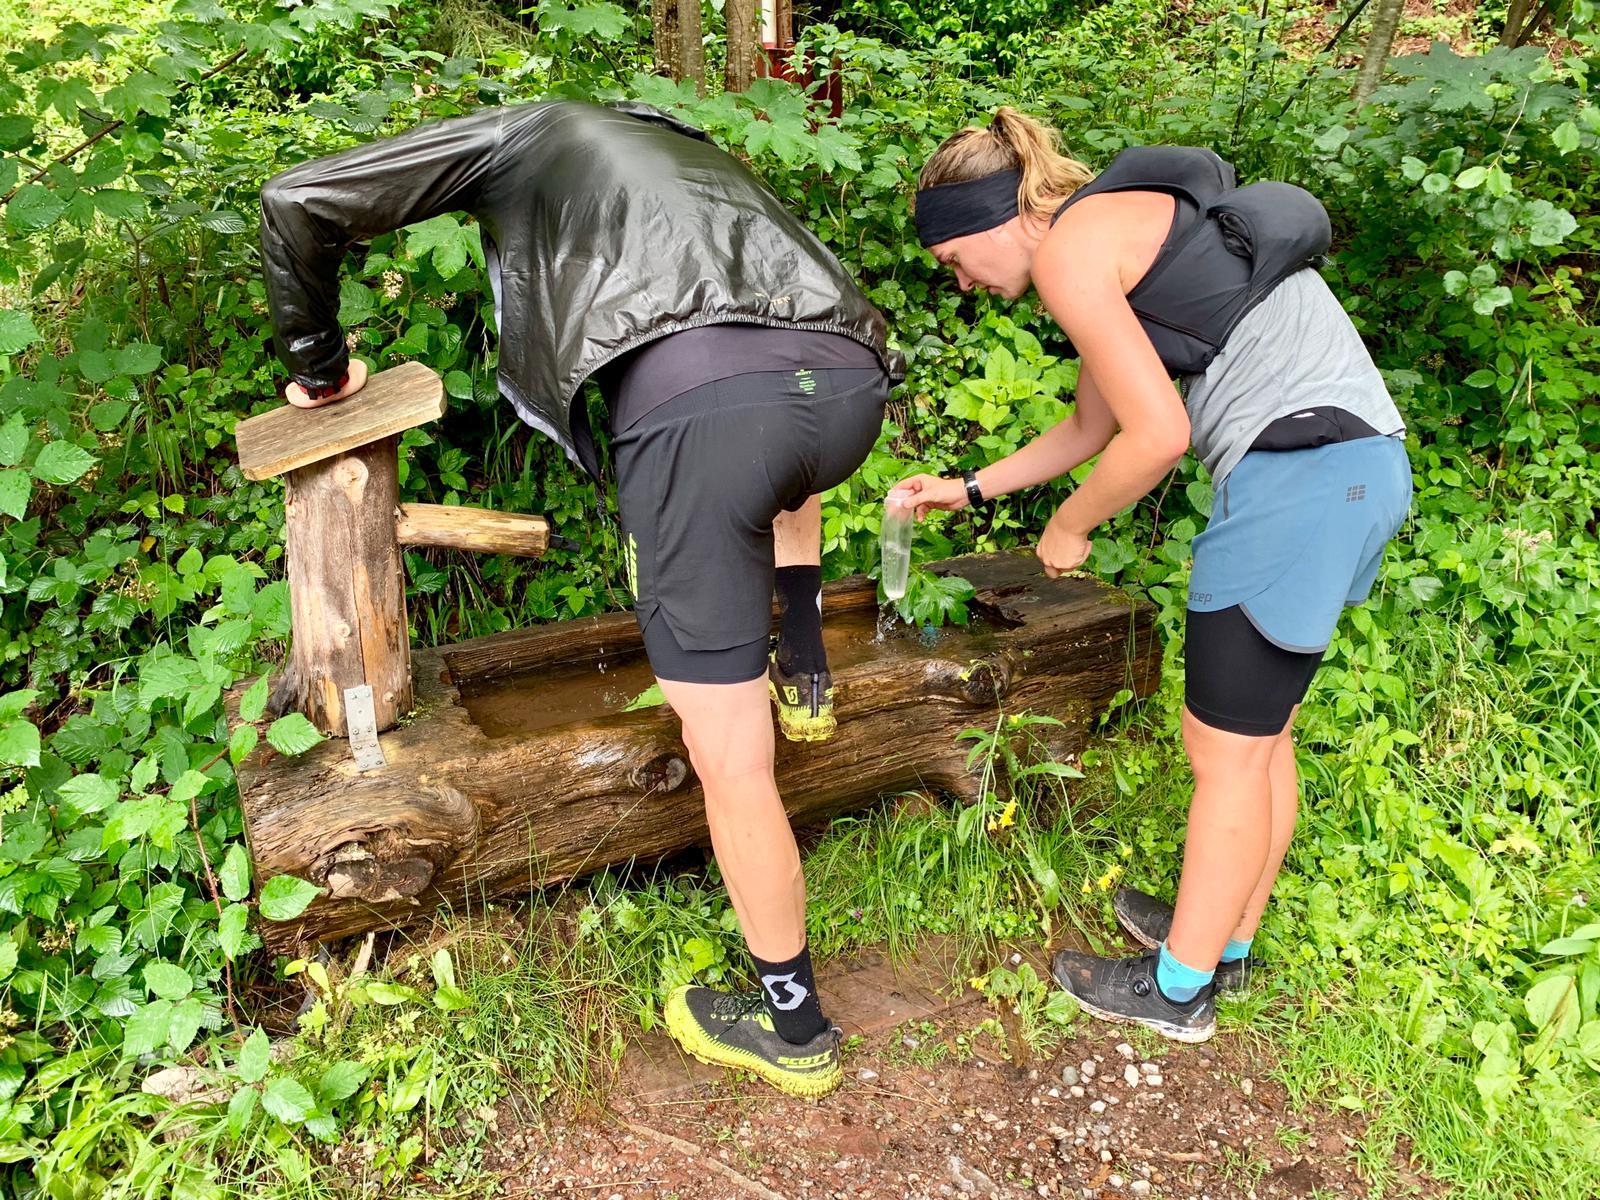 trailrunning-essen